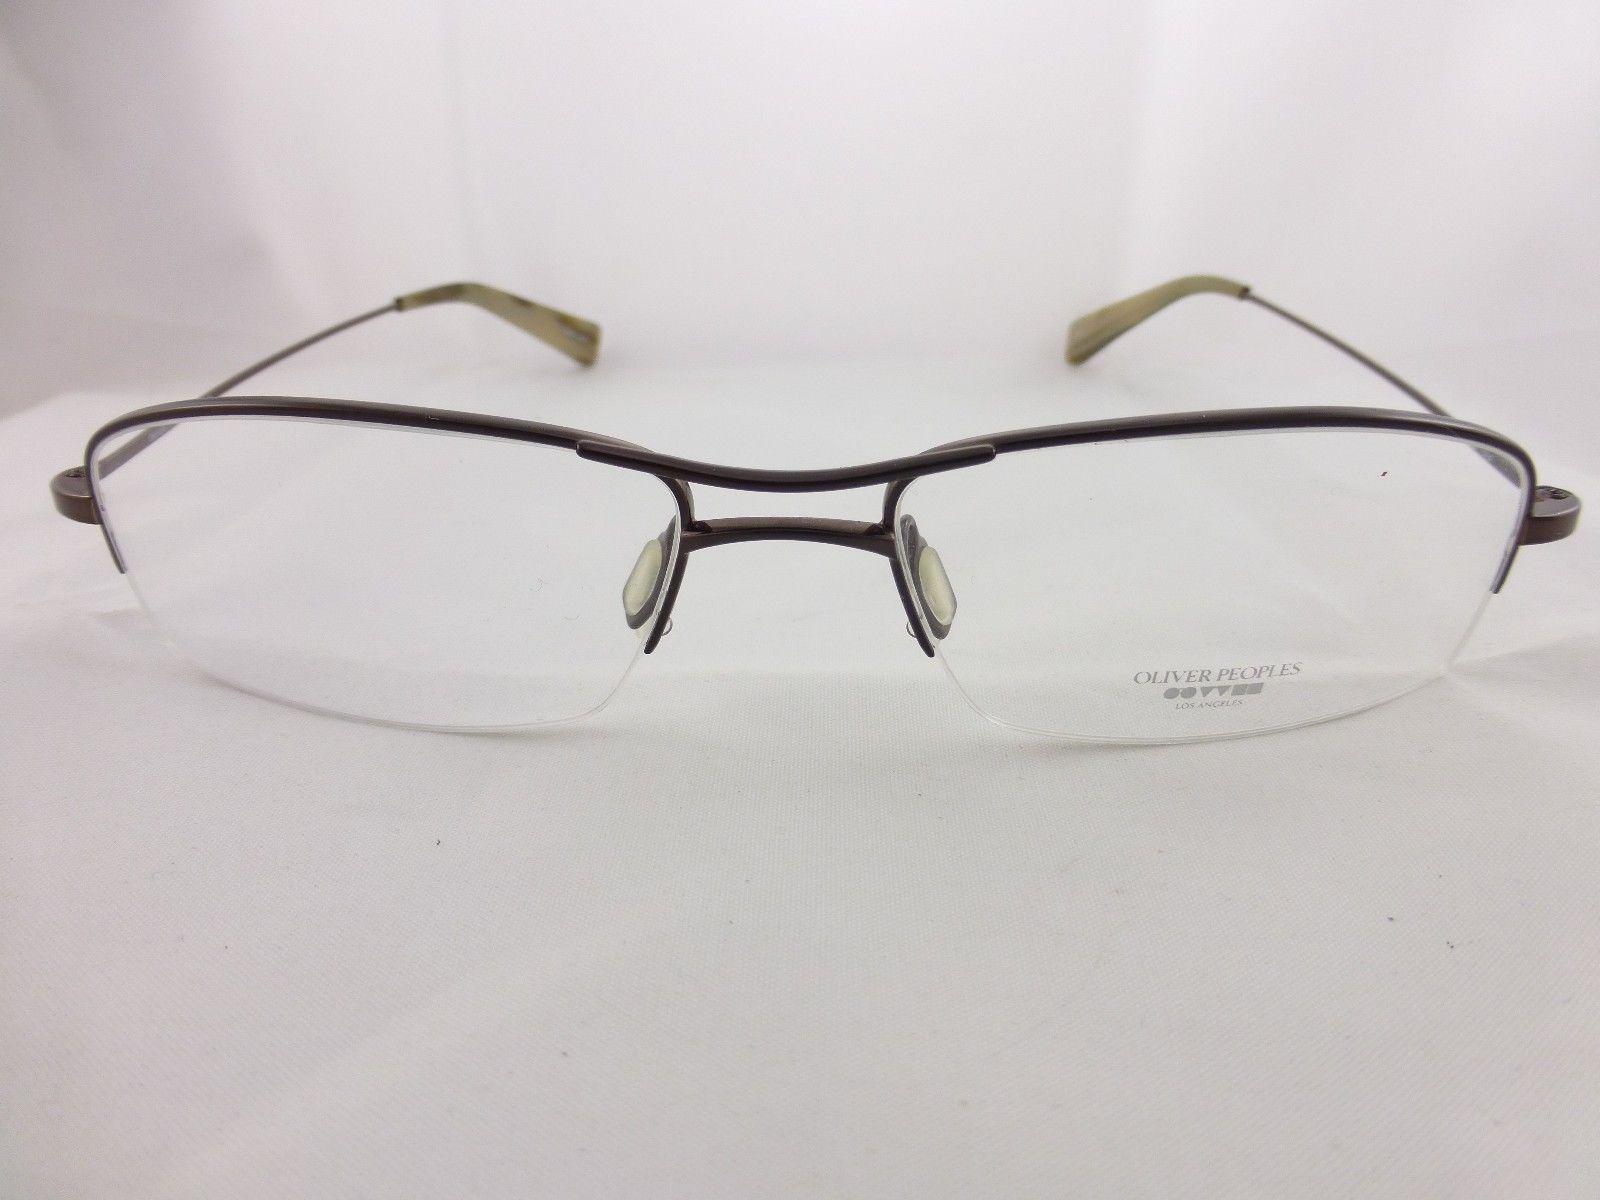 Unusual Designer Eyeglass Frames : Oliver Peoples Rare Style Brown eyeglasses frame, Unique ...